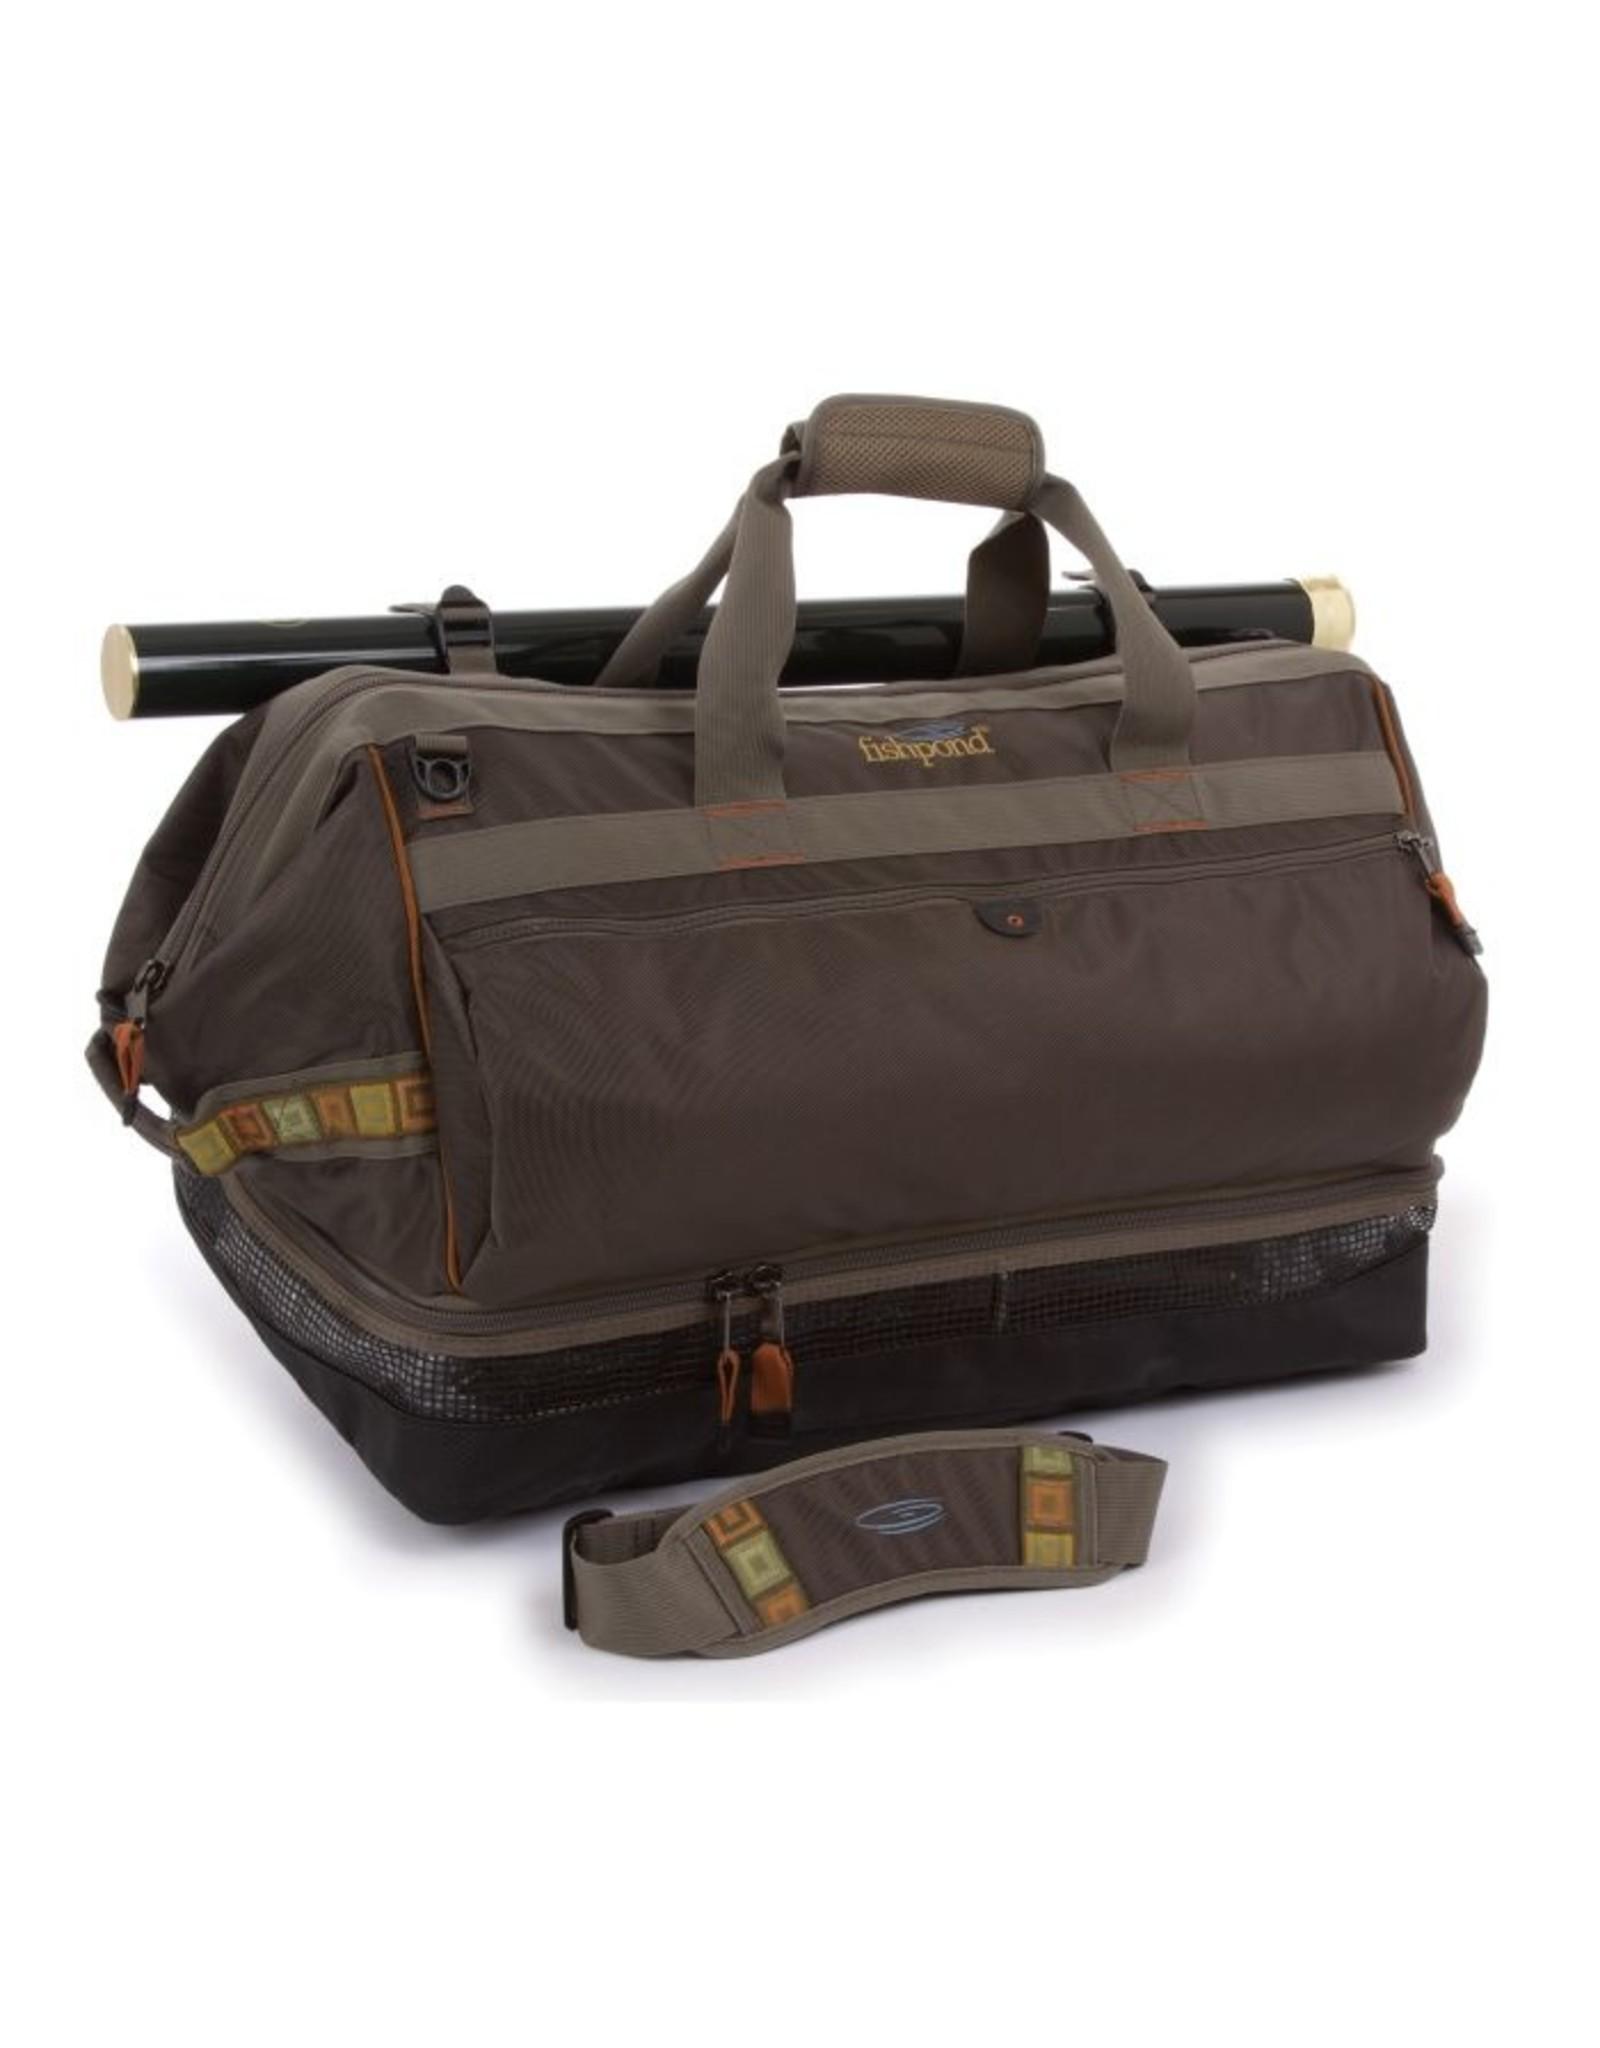 Fishpond Fishpond - Cimarron Wader/Duffel Bag